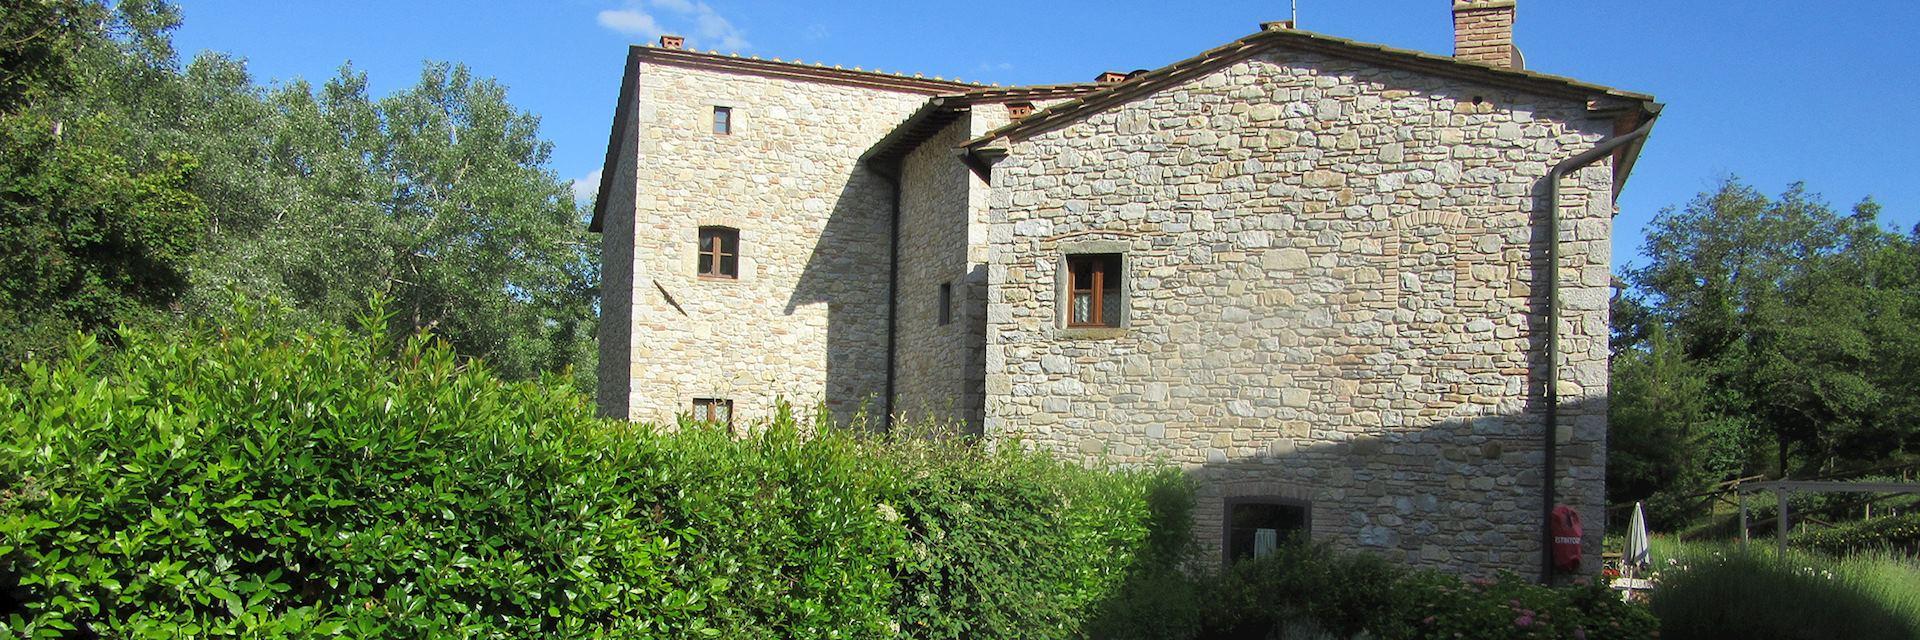 Le Pozze di Lecchi, Tuscany